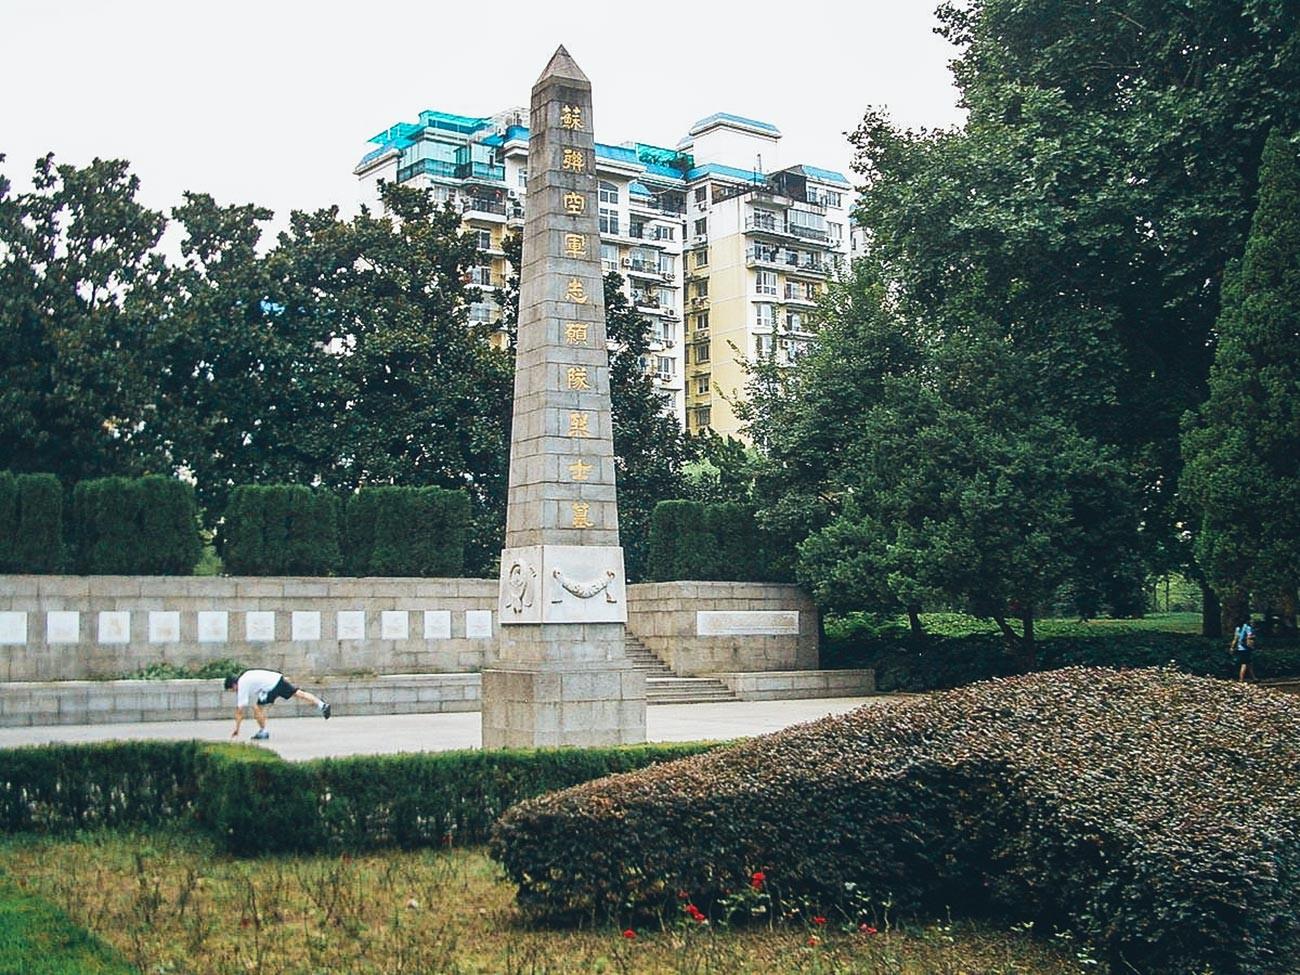 Споменик на гробљу совјетских пилота који су погинули у борбама кинеског народа против јапанских освајача 1938. (Парк Ђефанг, Ханкоу, Вухан).